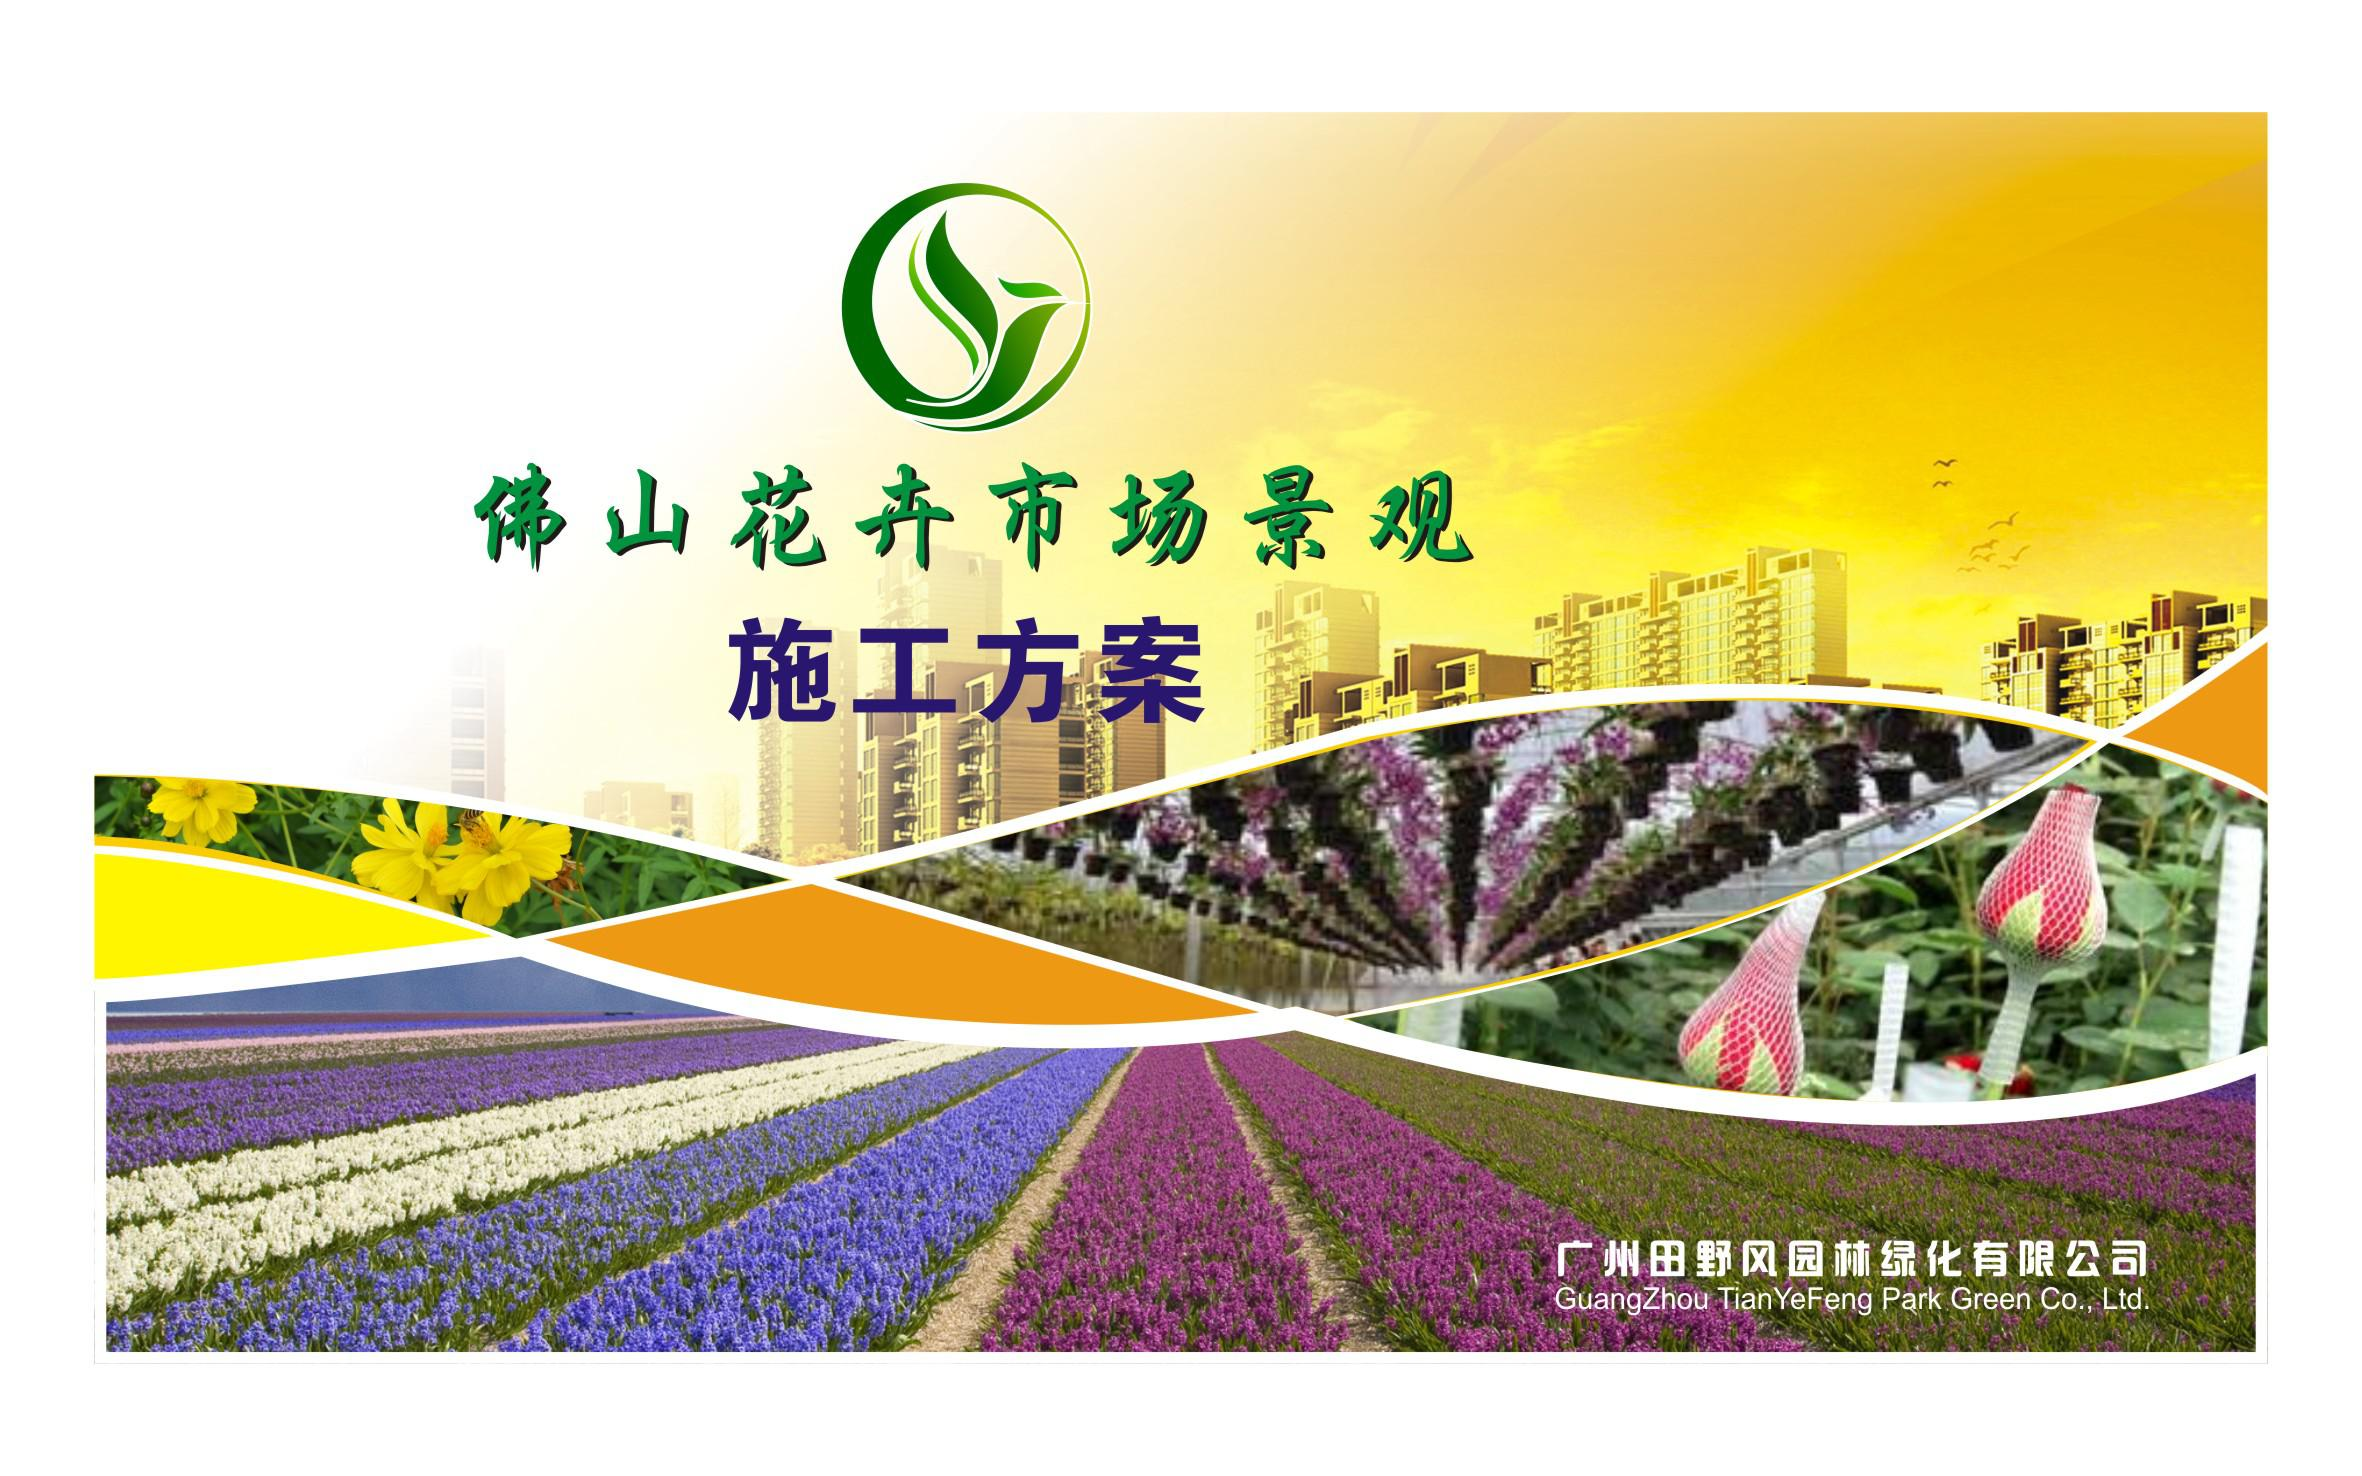 佛山陈村花卉世界景观工程方案